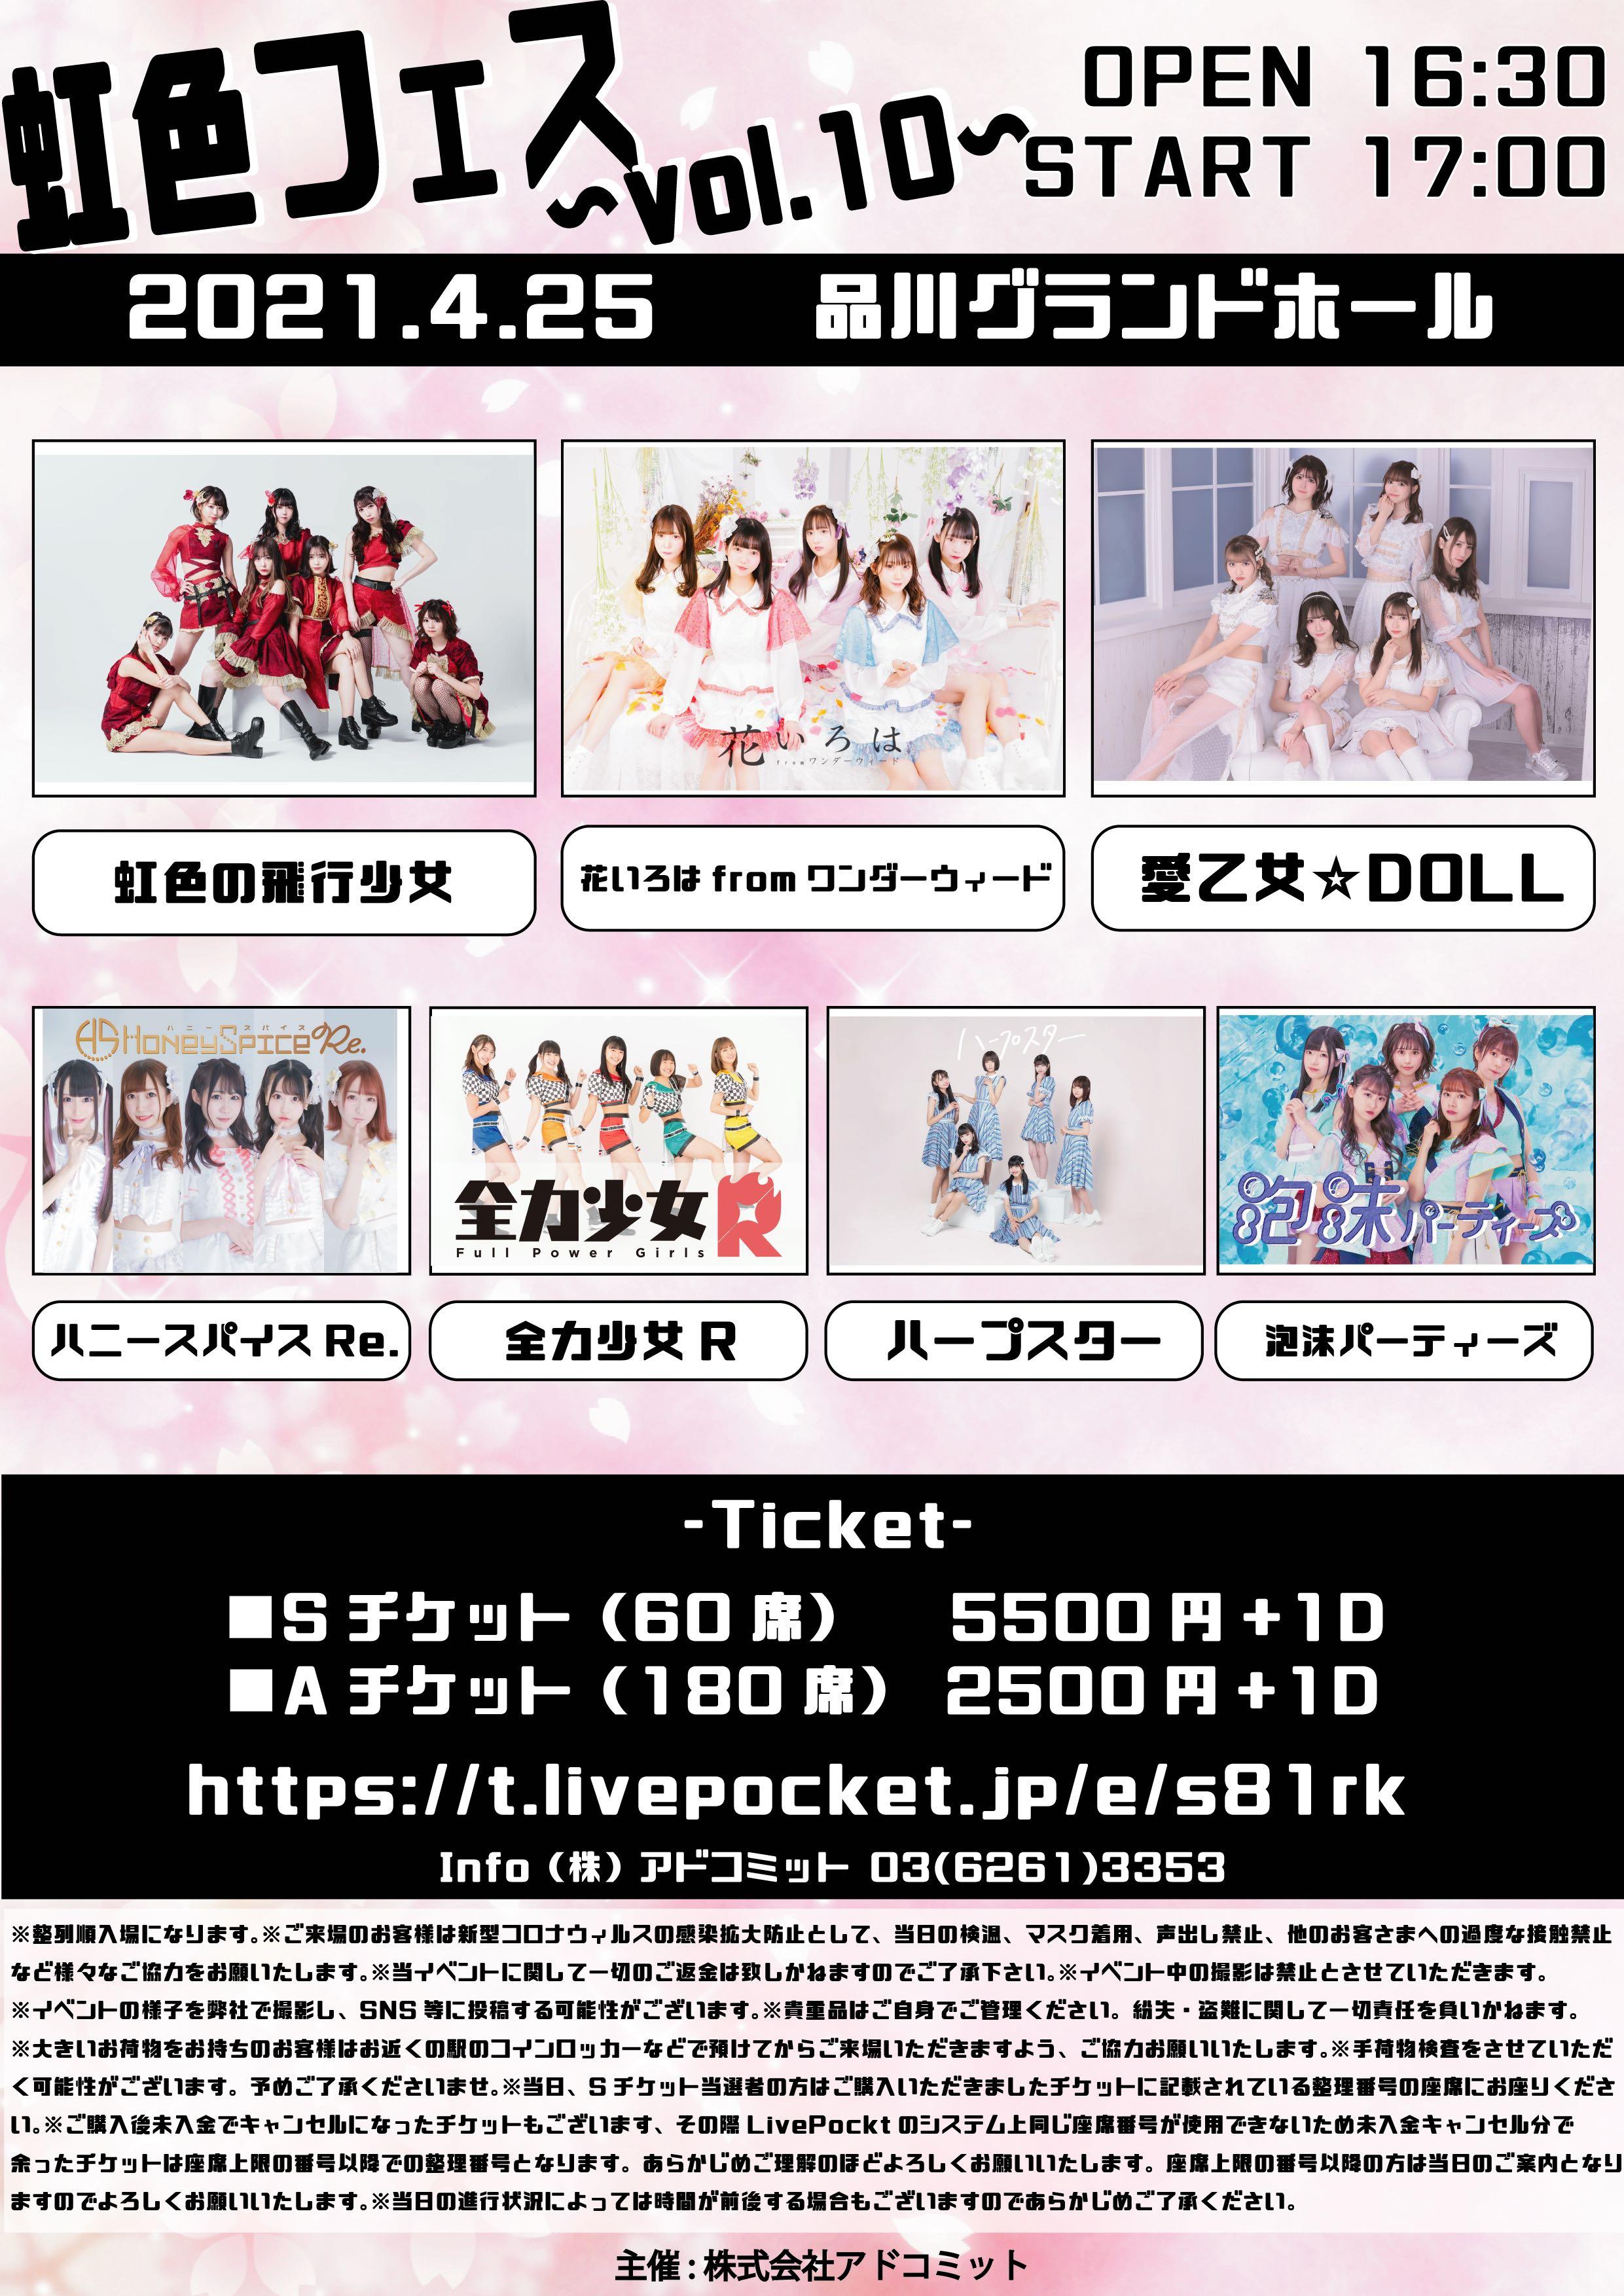 虹色フェス〜vol.10〜